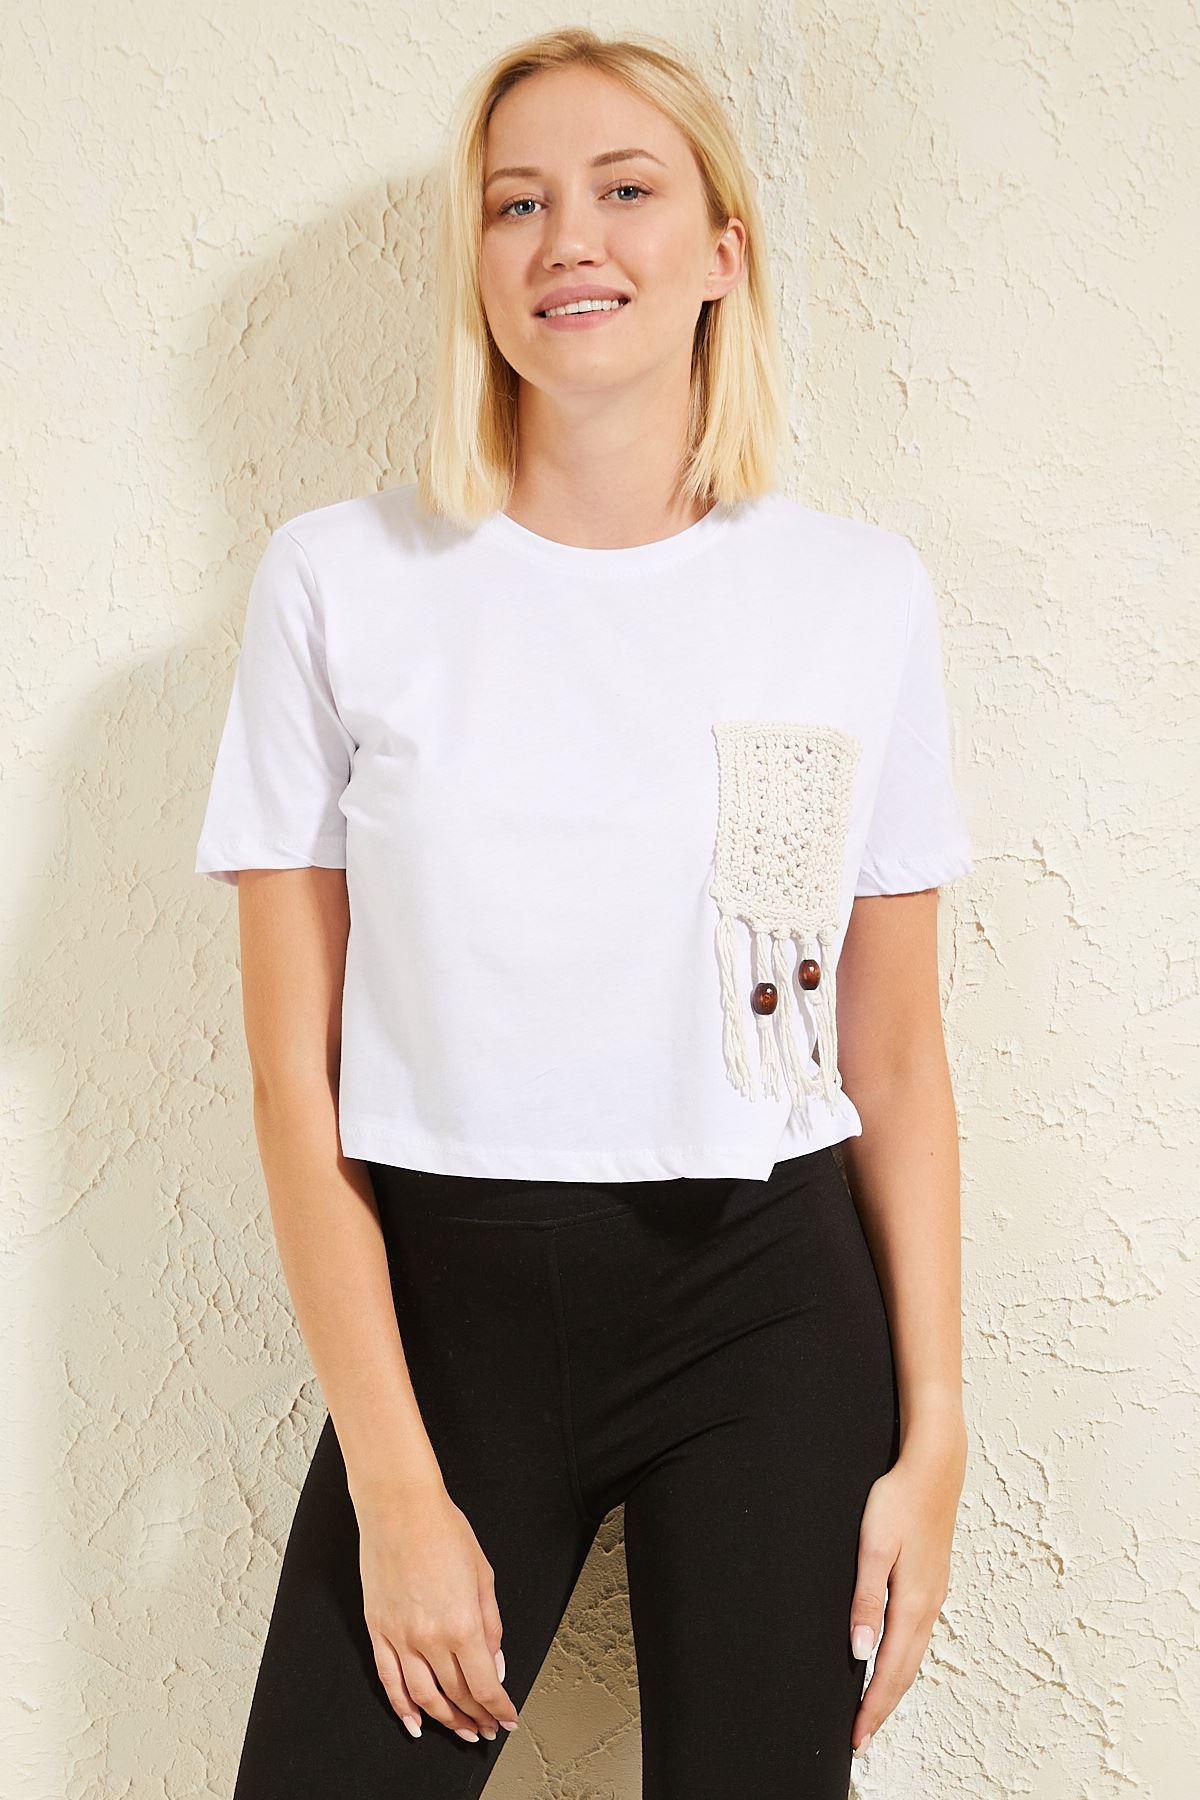 Cebi Püsküllü Kadın T-shirt